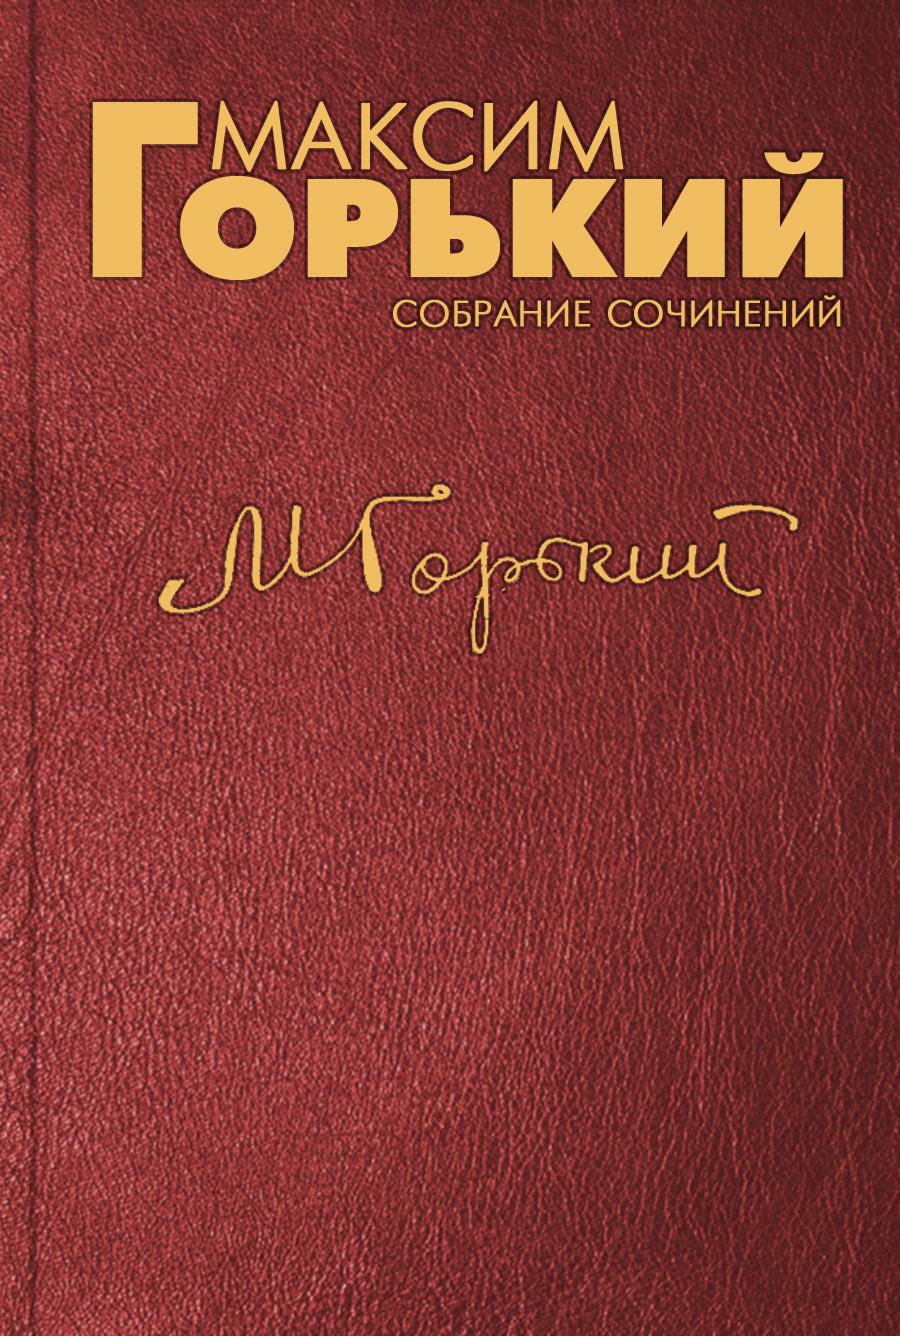 Максим Горький О М.М.Пришвине михаил михайлович дунаев лекция м м дунаева о м ю лермонтове